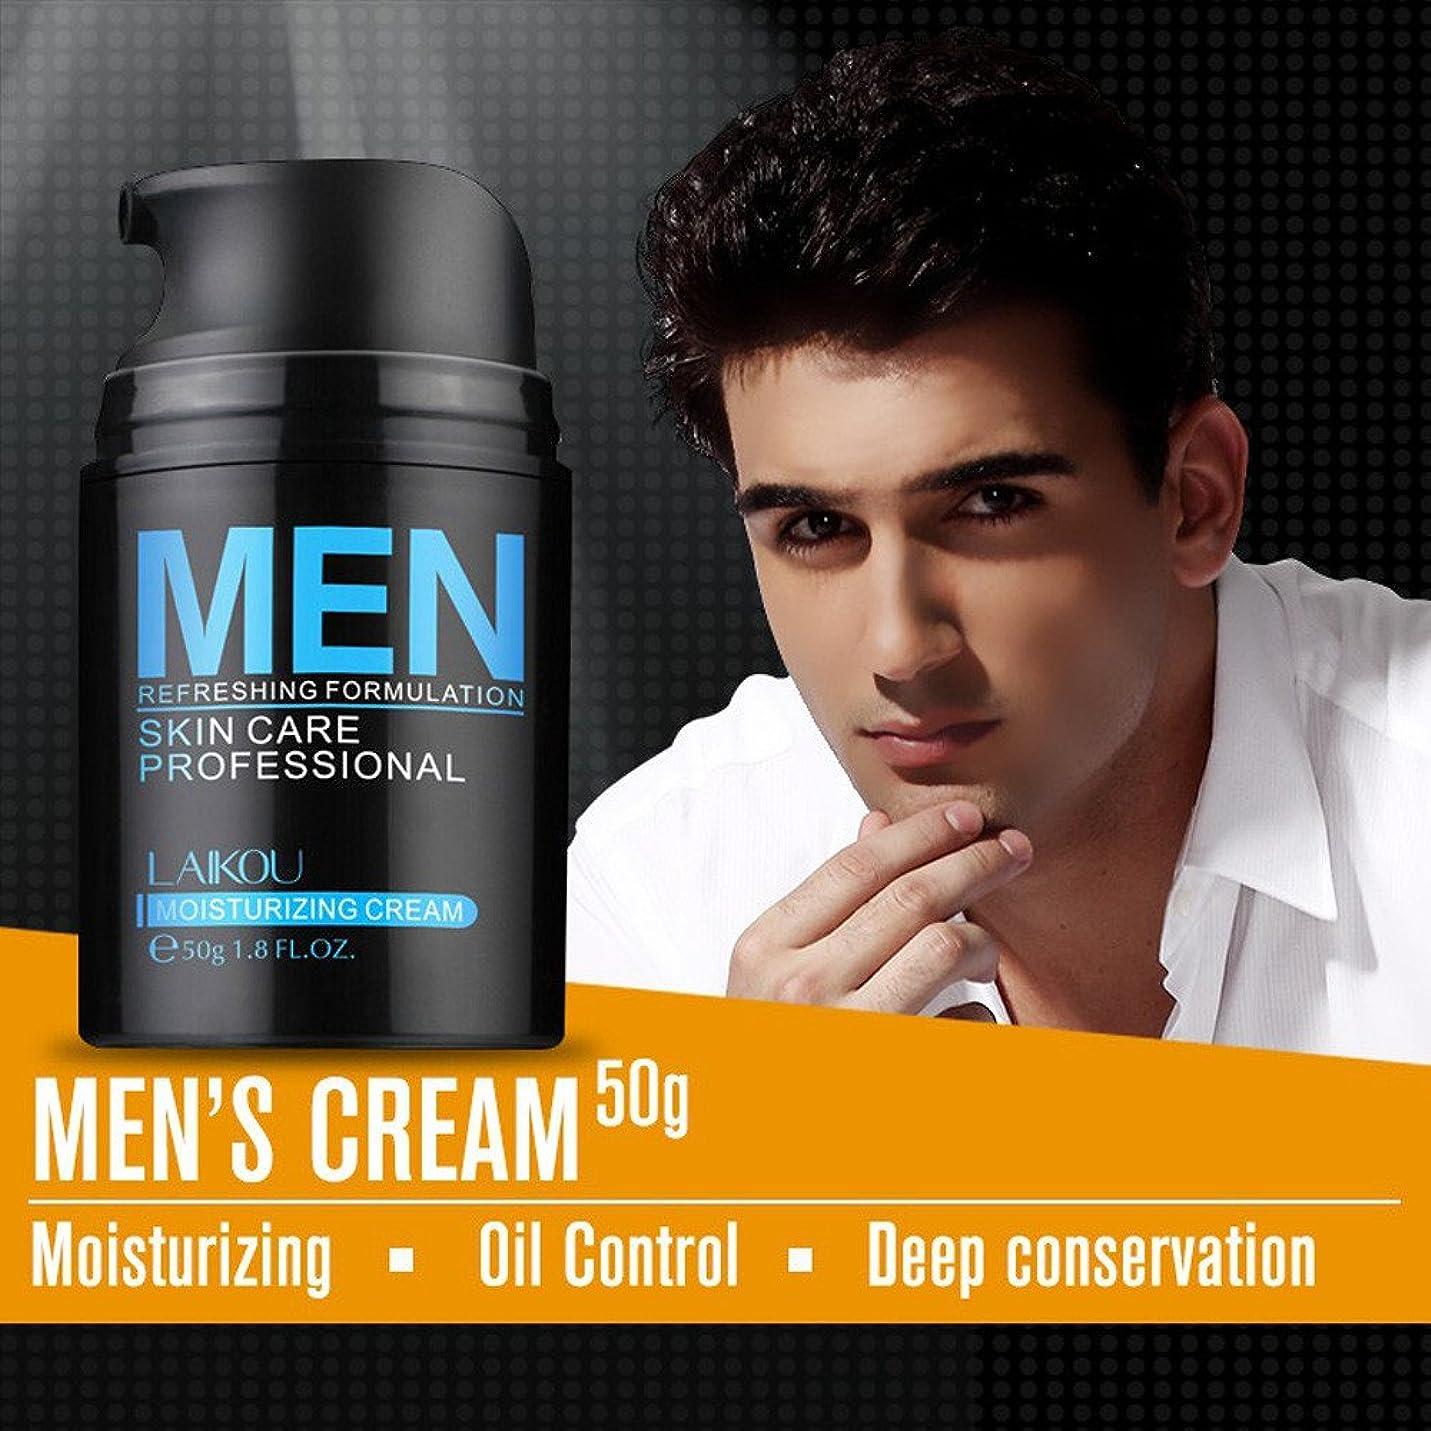 アラート気づく甘いAkane LAIKOU 男子 押す 顔洗い 素敵 水分補給 オイルコントロール 保湿 すがすがしい 角質除去 クレンジング 浄化 使いやすい 洗顔料 アロエクリーム